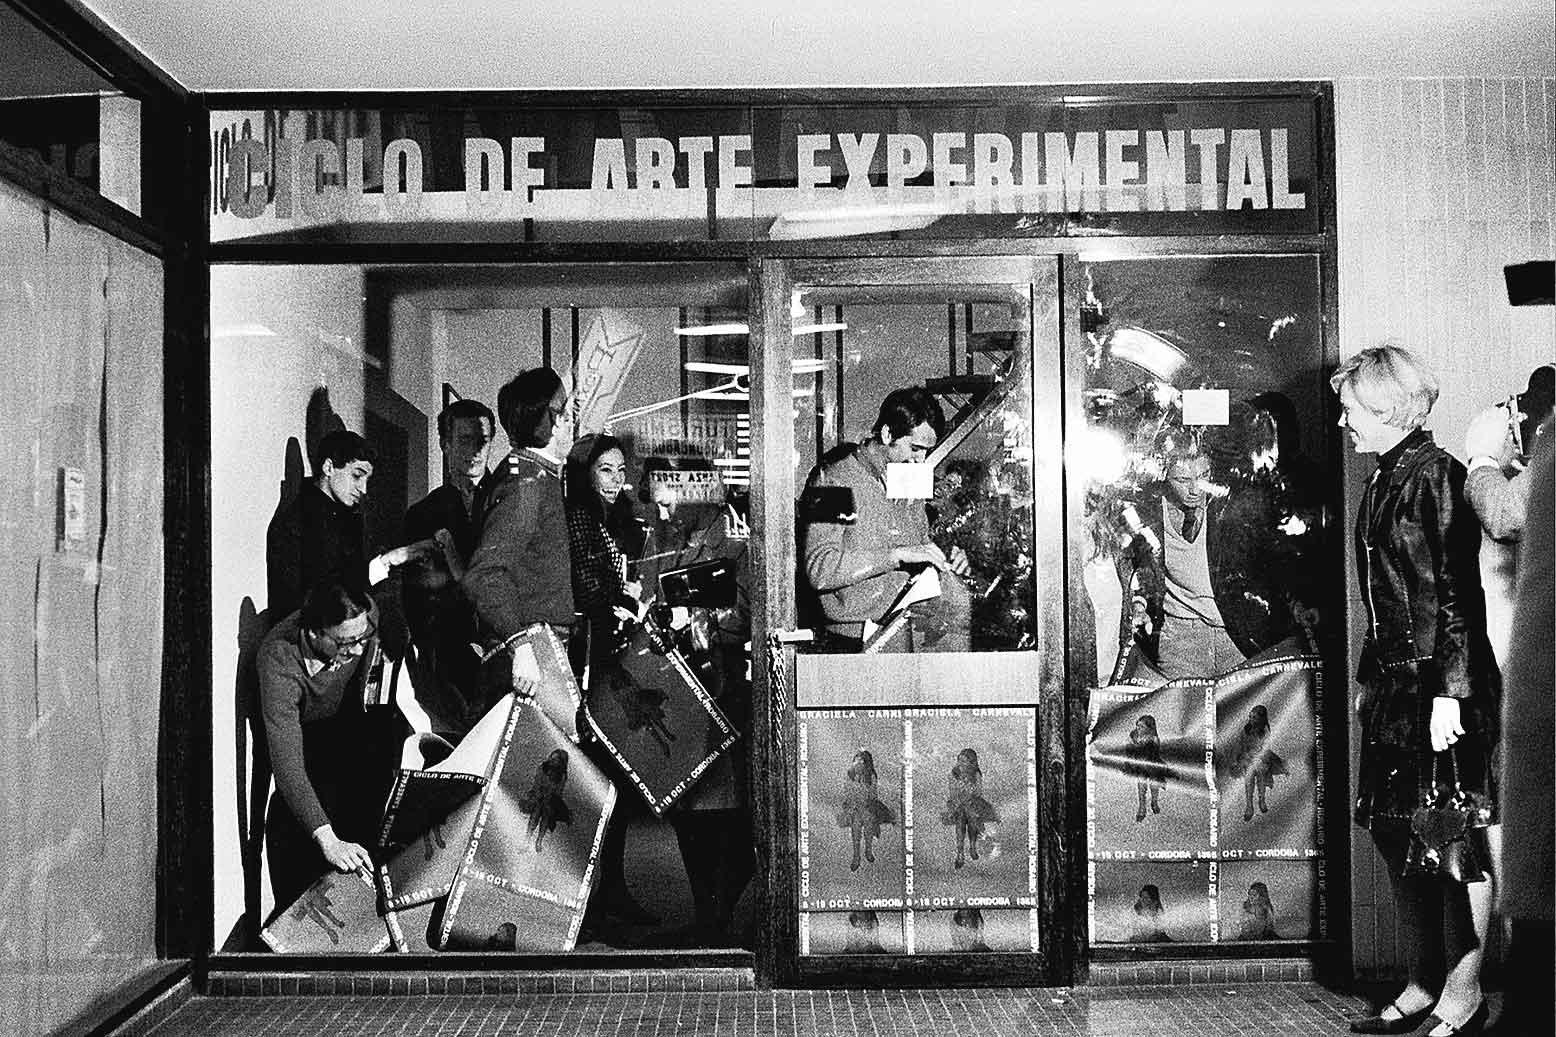 Graciela Carnevale (Argentina, b. 1942), Acción del encierro (Lock-up action), 1968. Ciclo de Arte Experimental, Rosario, Argentina; Fotografía: Carlos Militello. Fotografía en blanco y negro. Quince hojas: 3 9/16 × 5 1/2 in. (9 × 14 cm) o 5 1/2 × 3 9/16 in. (14 × 9 cm); una hoja: 6 7/8 × 9 7/16 in. (17.5 × 24 cm). Colección de Graciela Carnevale/Archivo Graciela Carnevale. ©the artist.